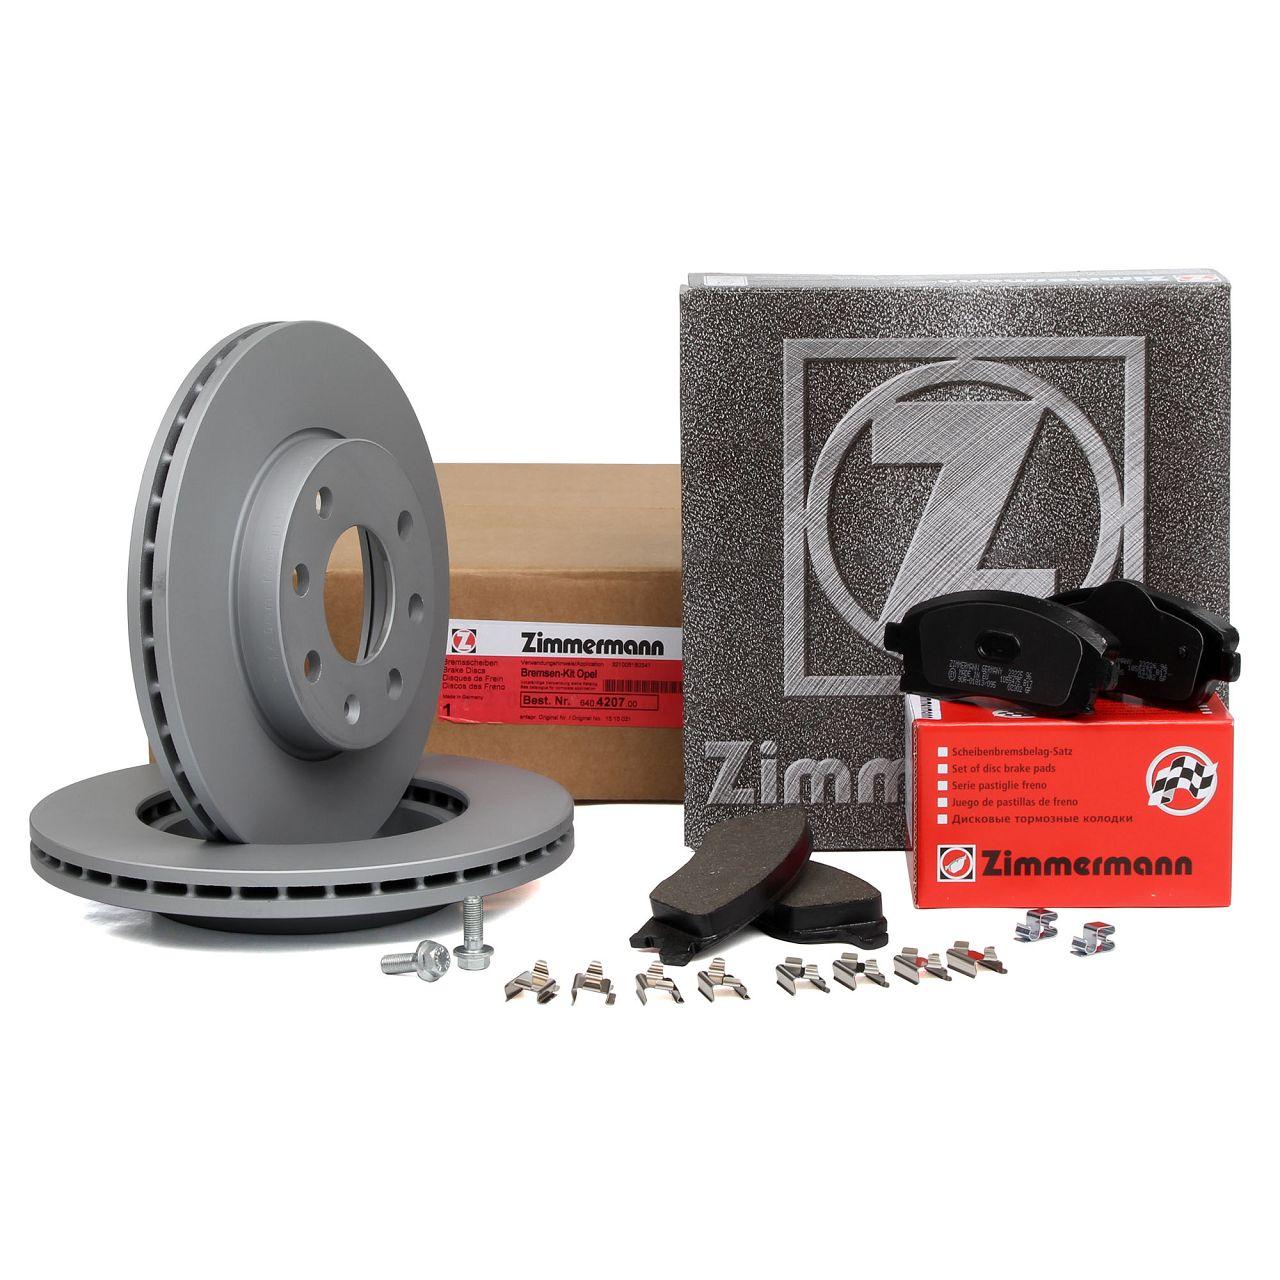 ZIMMERMANN Bremsscheiben Beläge für OPEL CORSA C 1.0 1.2 / Twinport 1.7 DI vorne